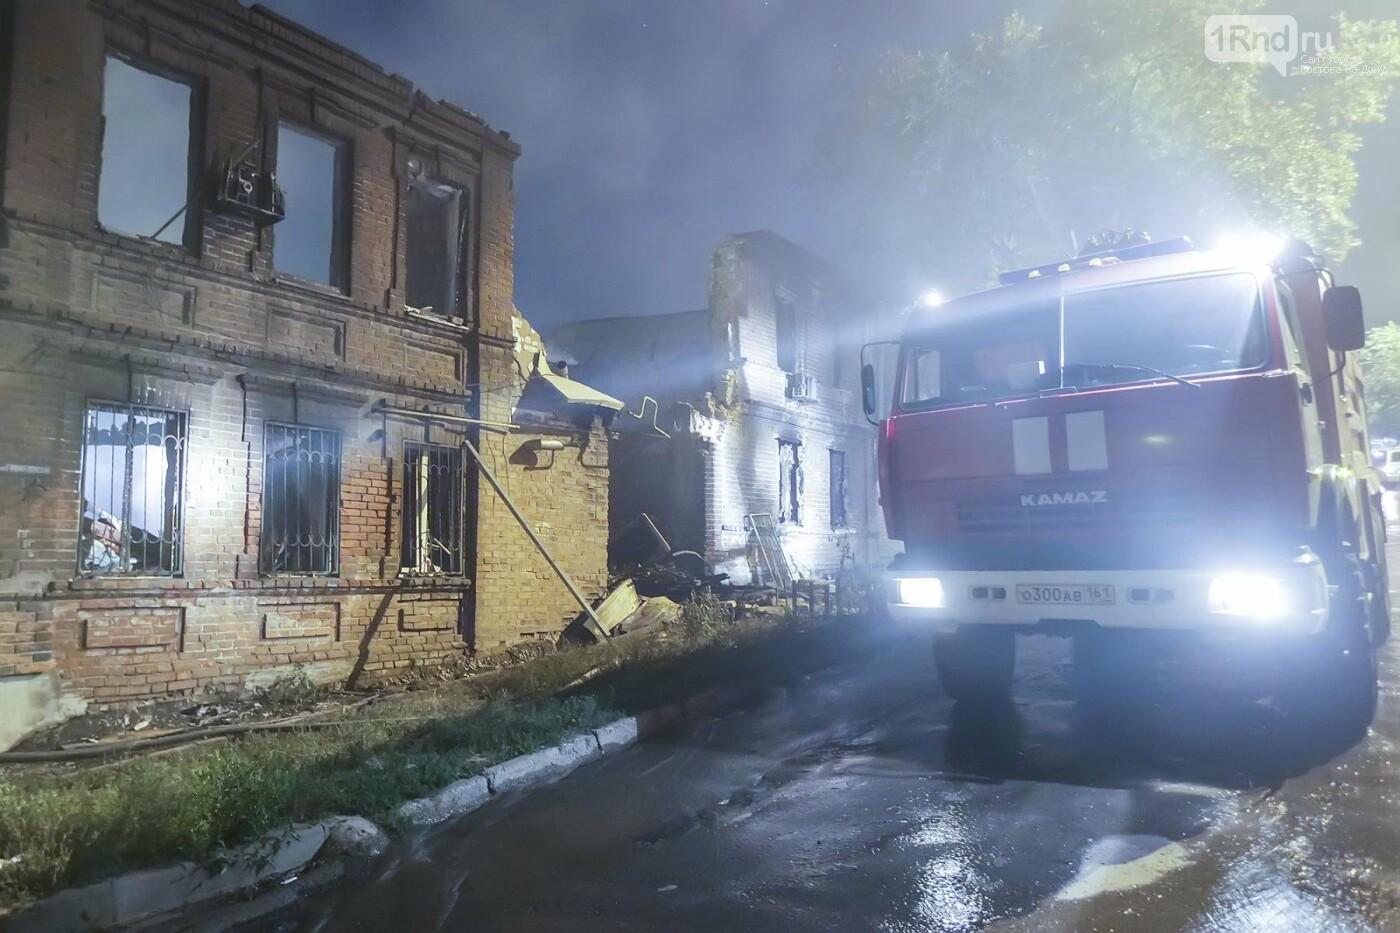 Обвинения по делу о пожаре 21 августа в Ростове предъявлены экс-чиновнице и электрикам, фото-5